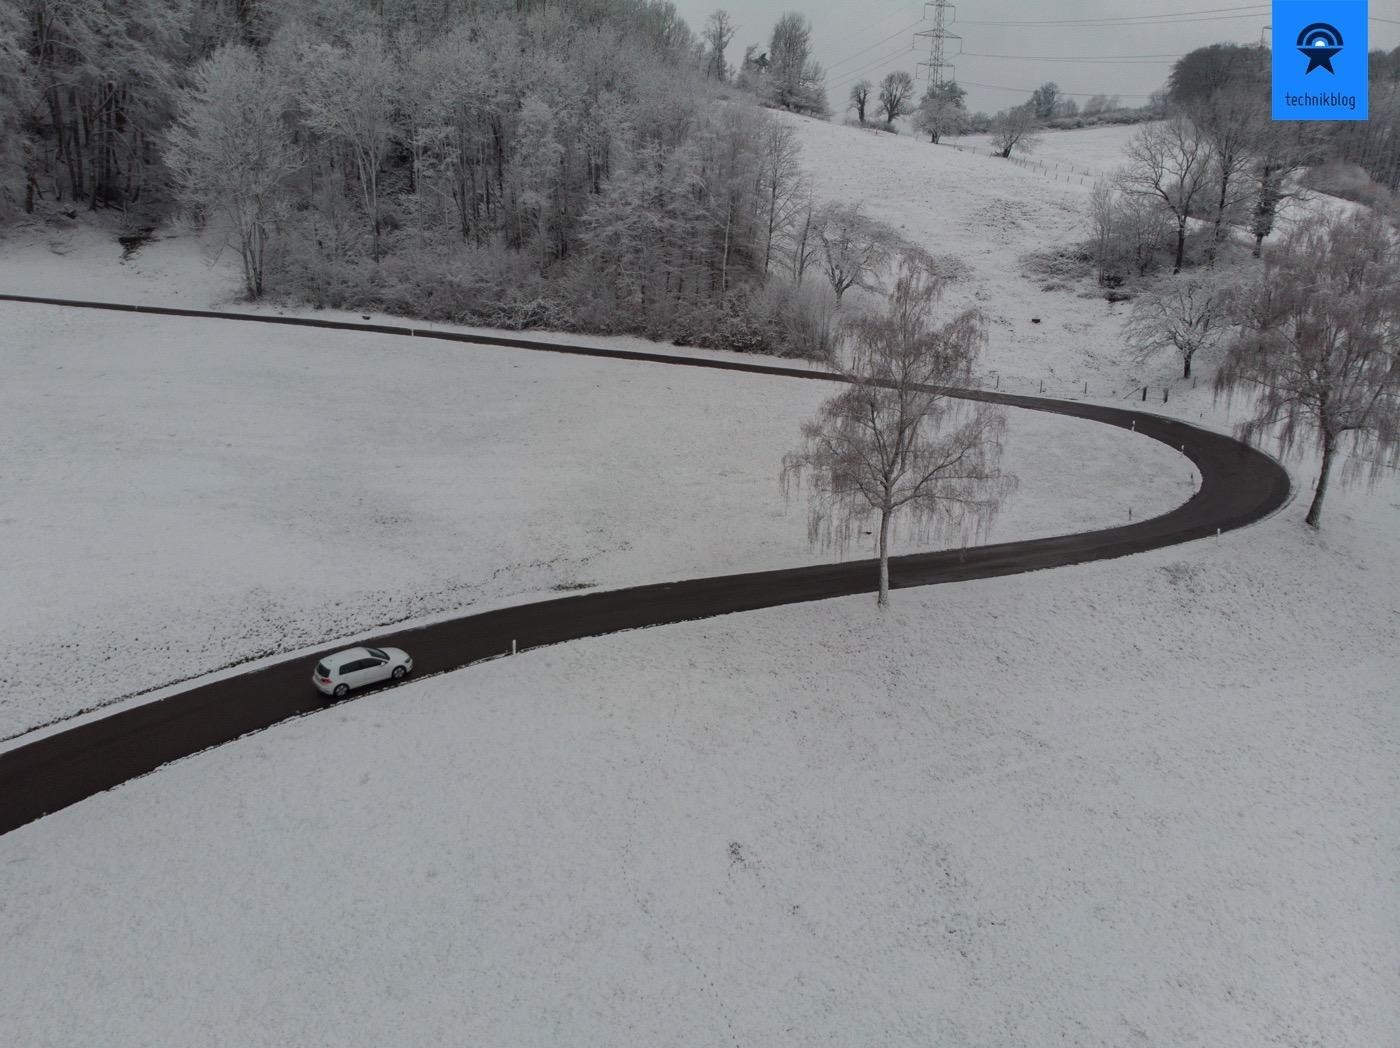 Passfahrt mit dem VW e-Golf im Winter